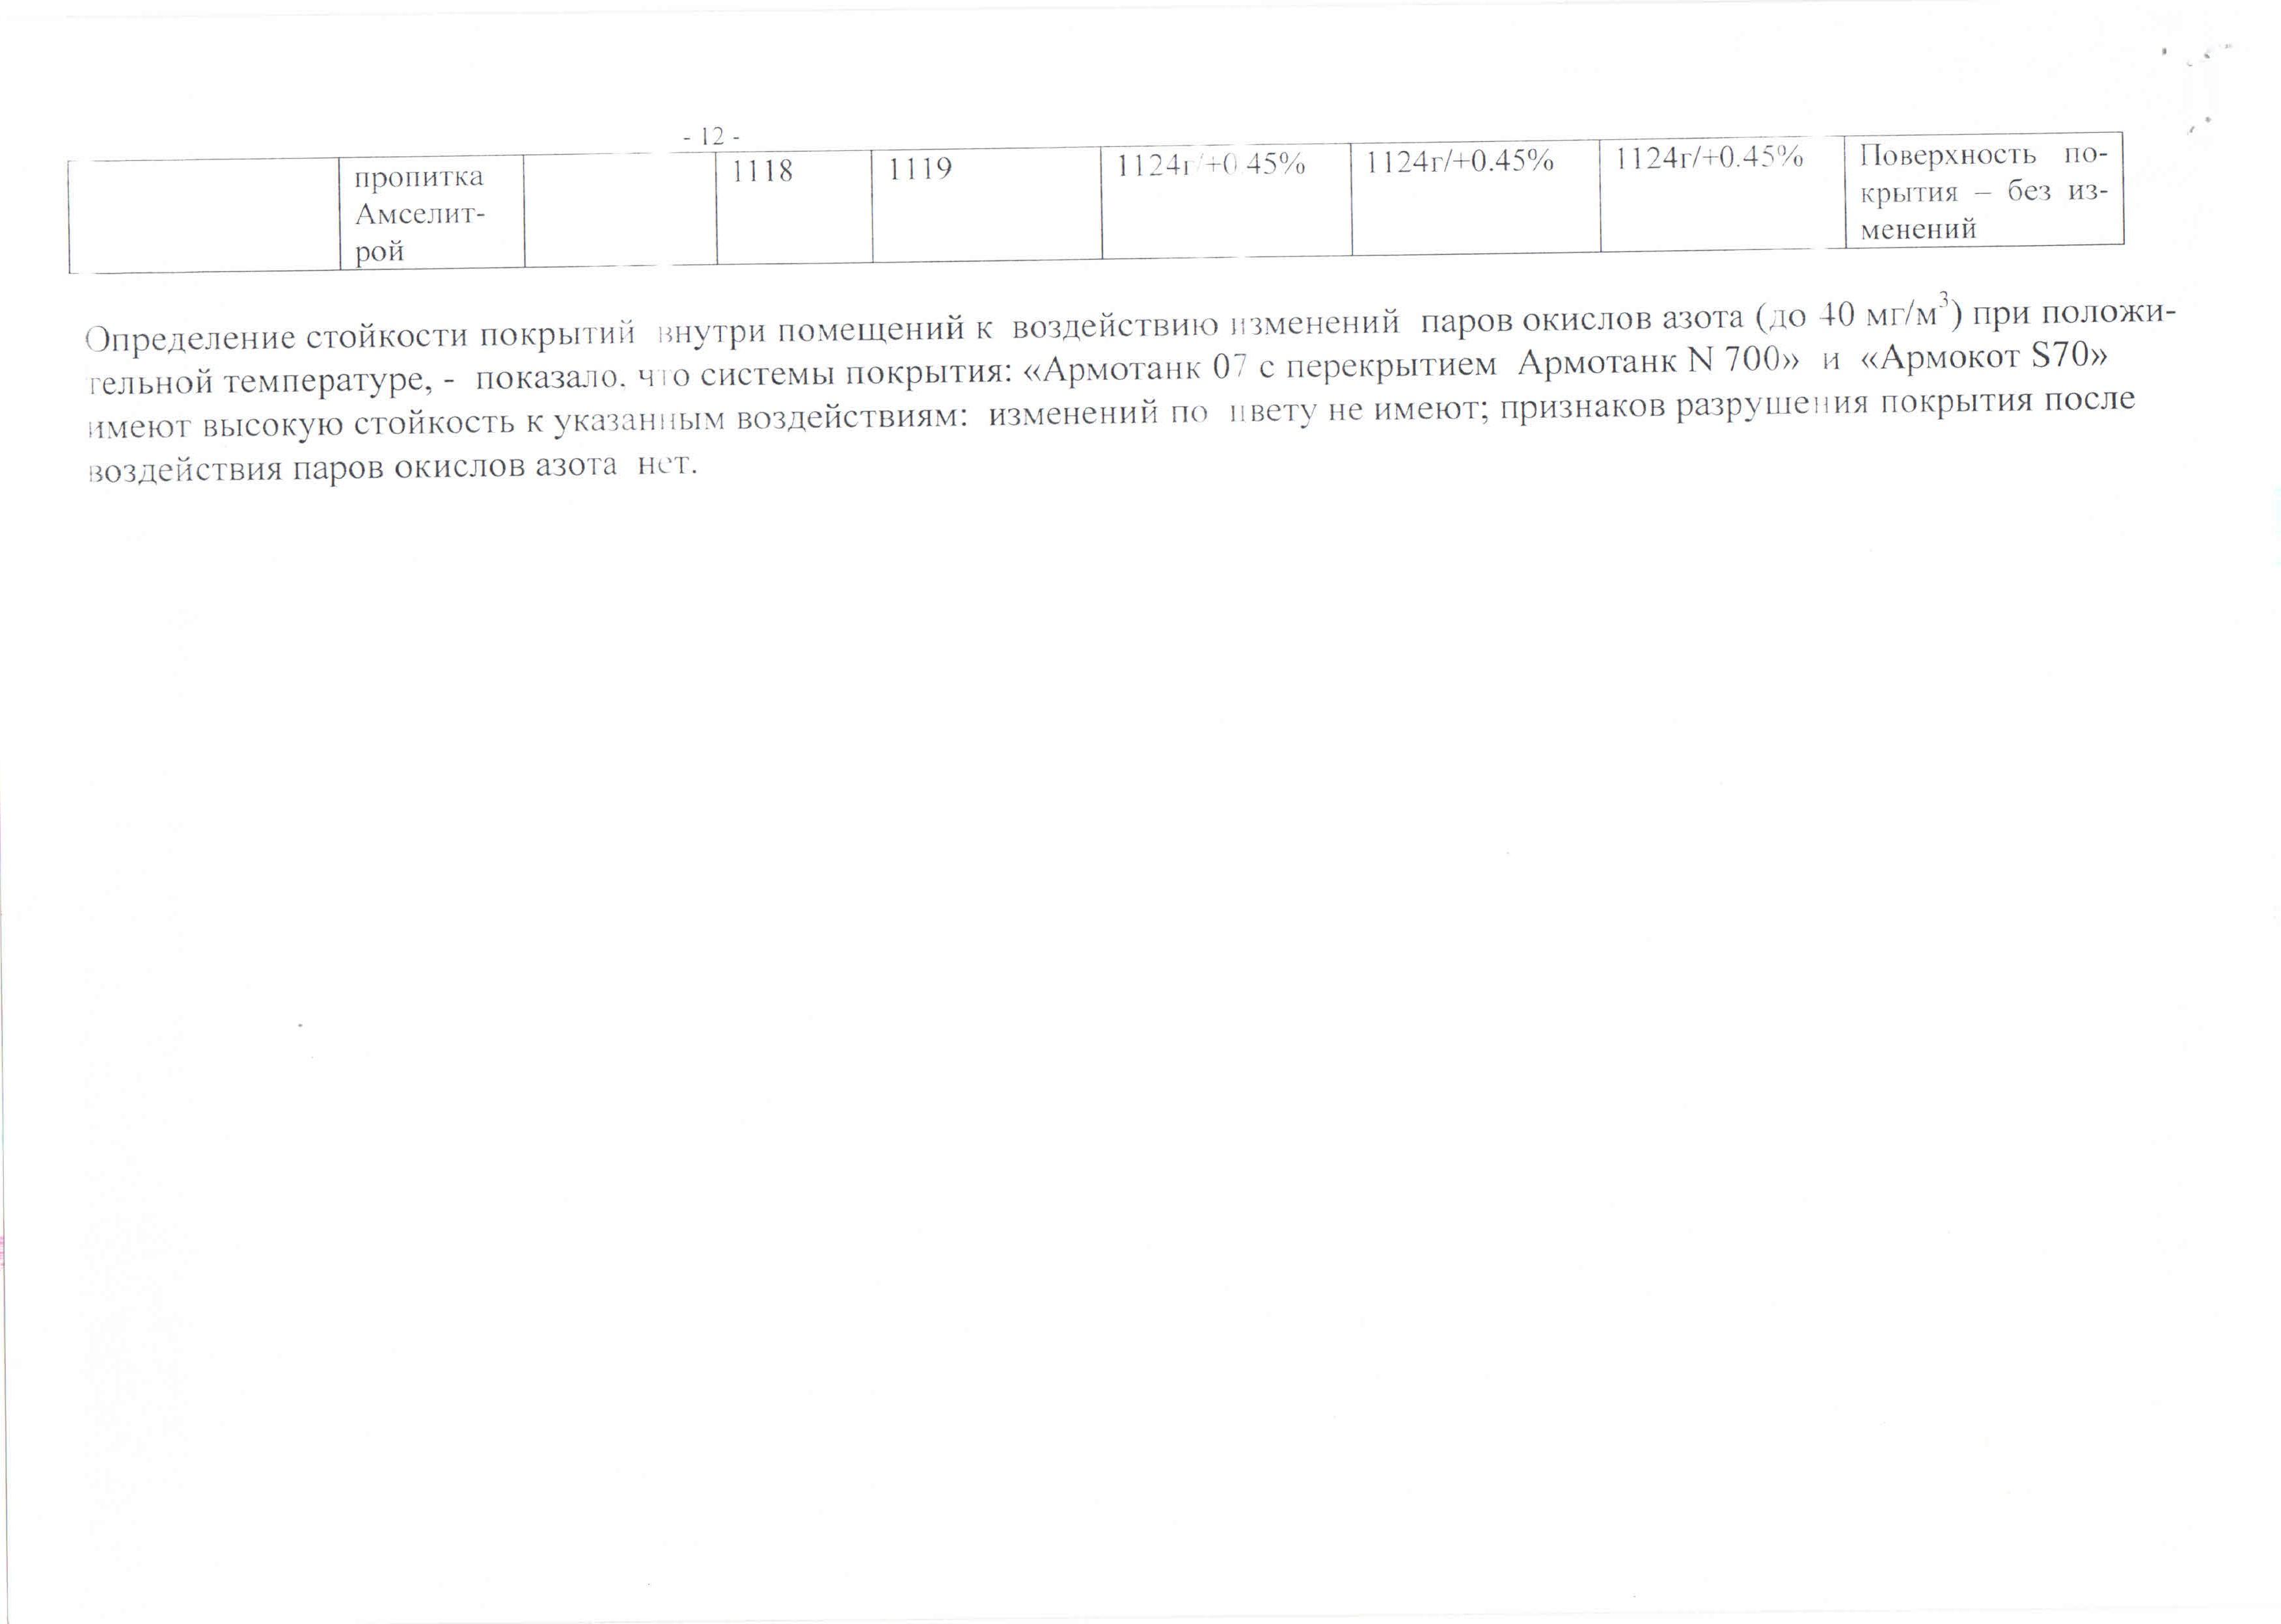 Заключение ООО «Соликамская строительная лаборатория» бетон Уралхим 07+N700S70_Страница_12